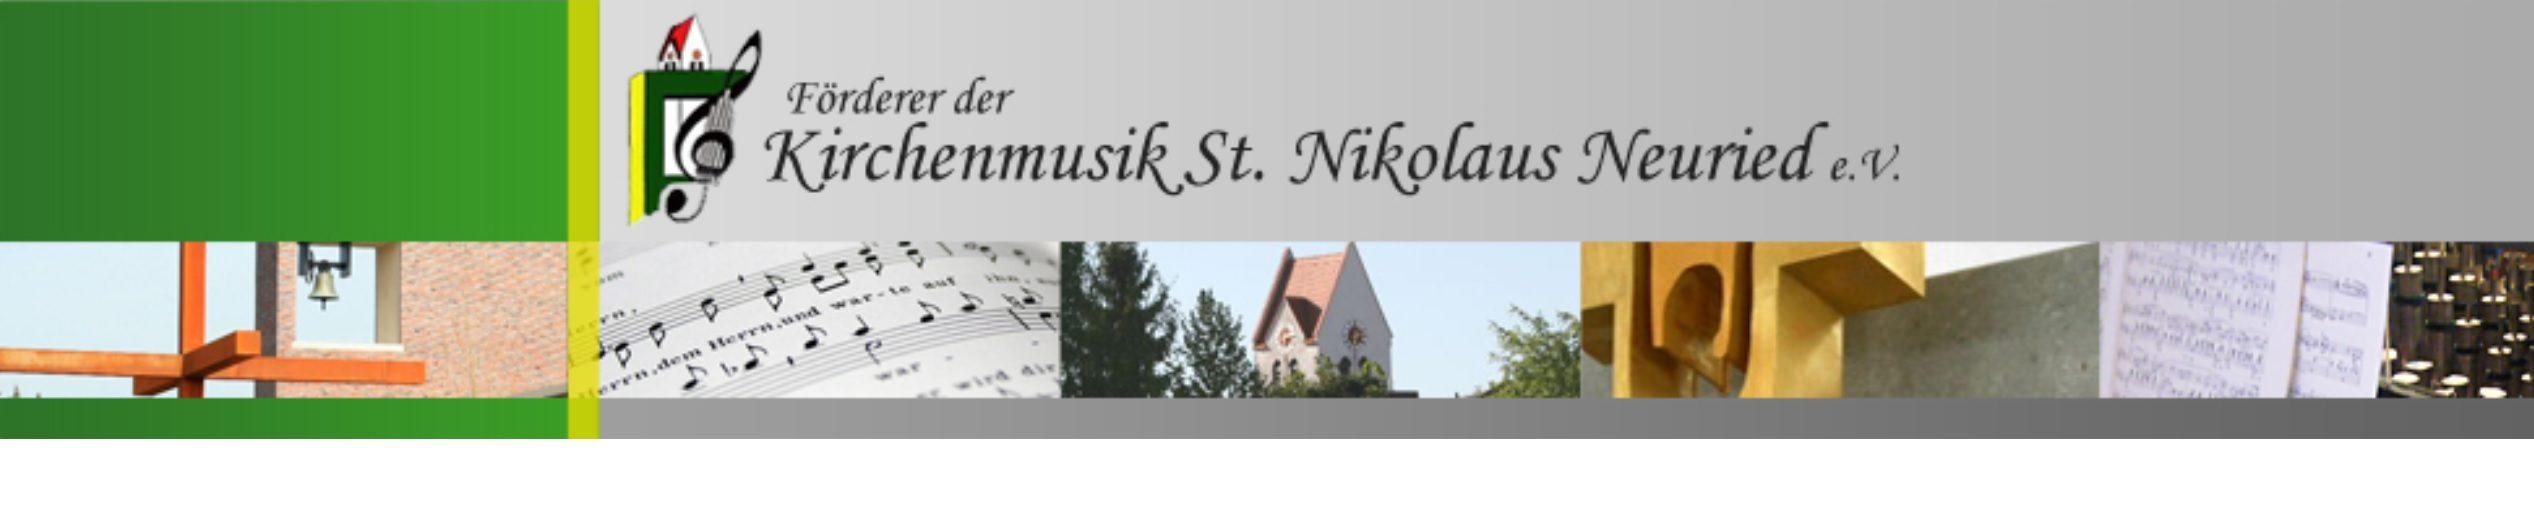 Förderer der Kirchenmusik St. Nikolaus Neuried e.V.